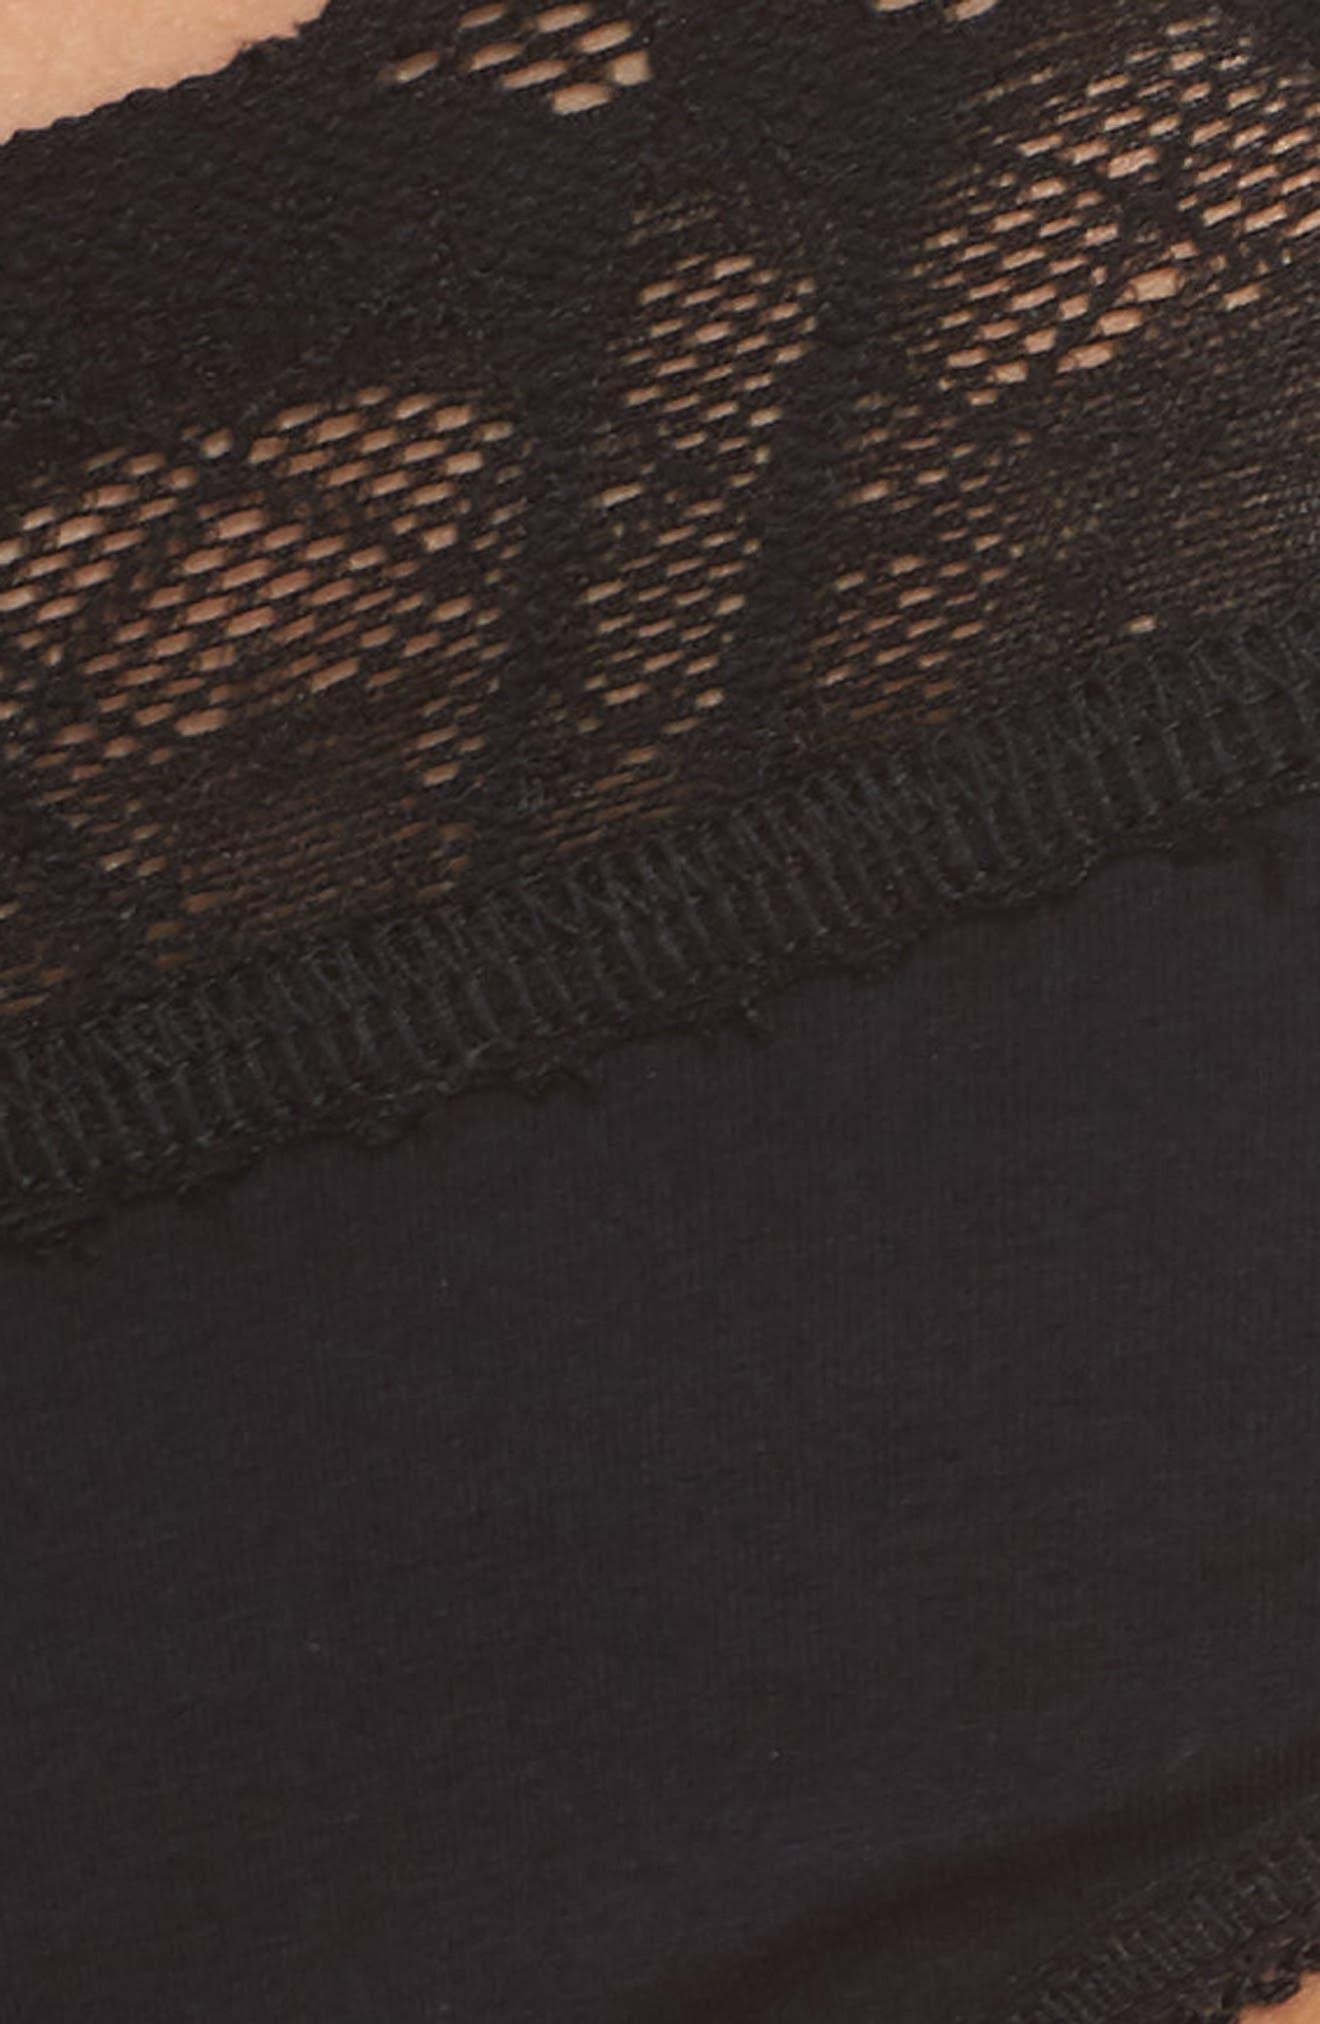 Lace Trim Cotton French Briefs,                             Alternate thumbnail 5, color,                             001